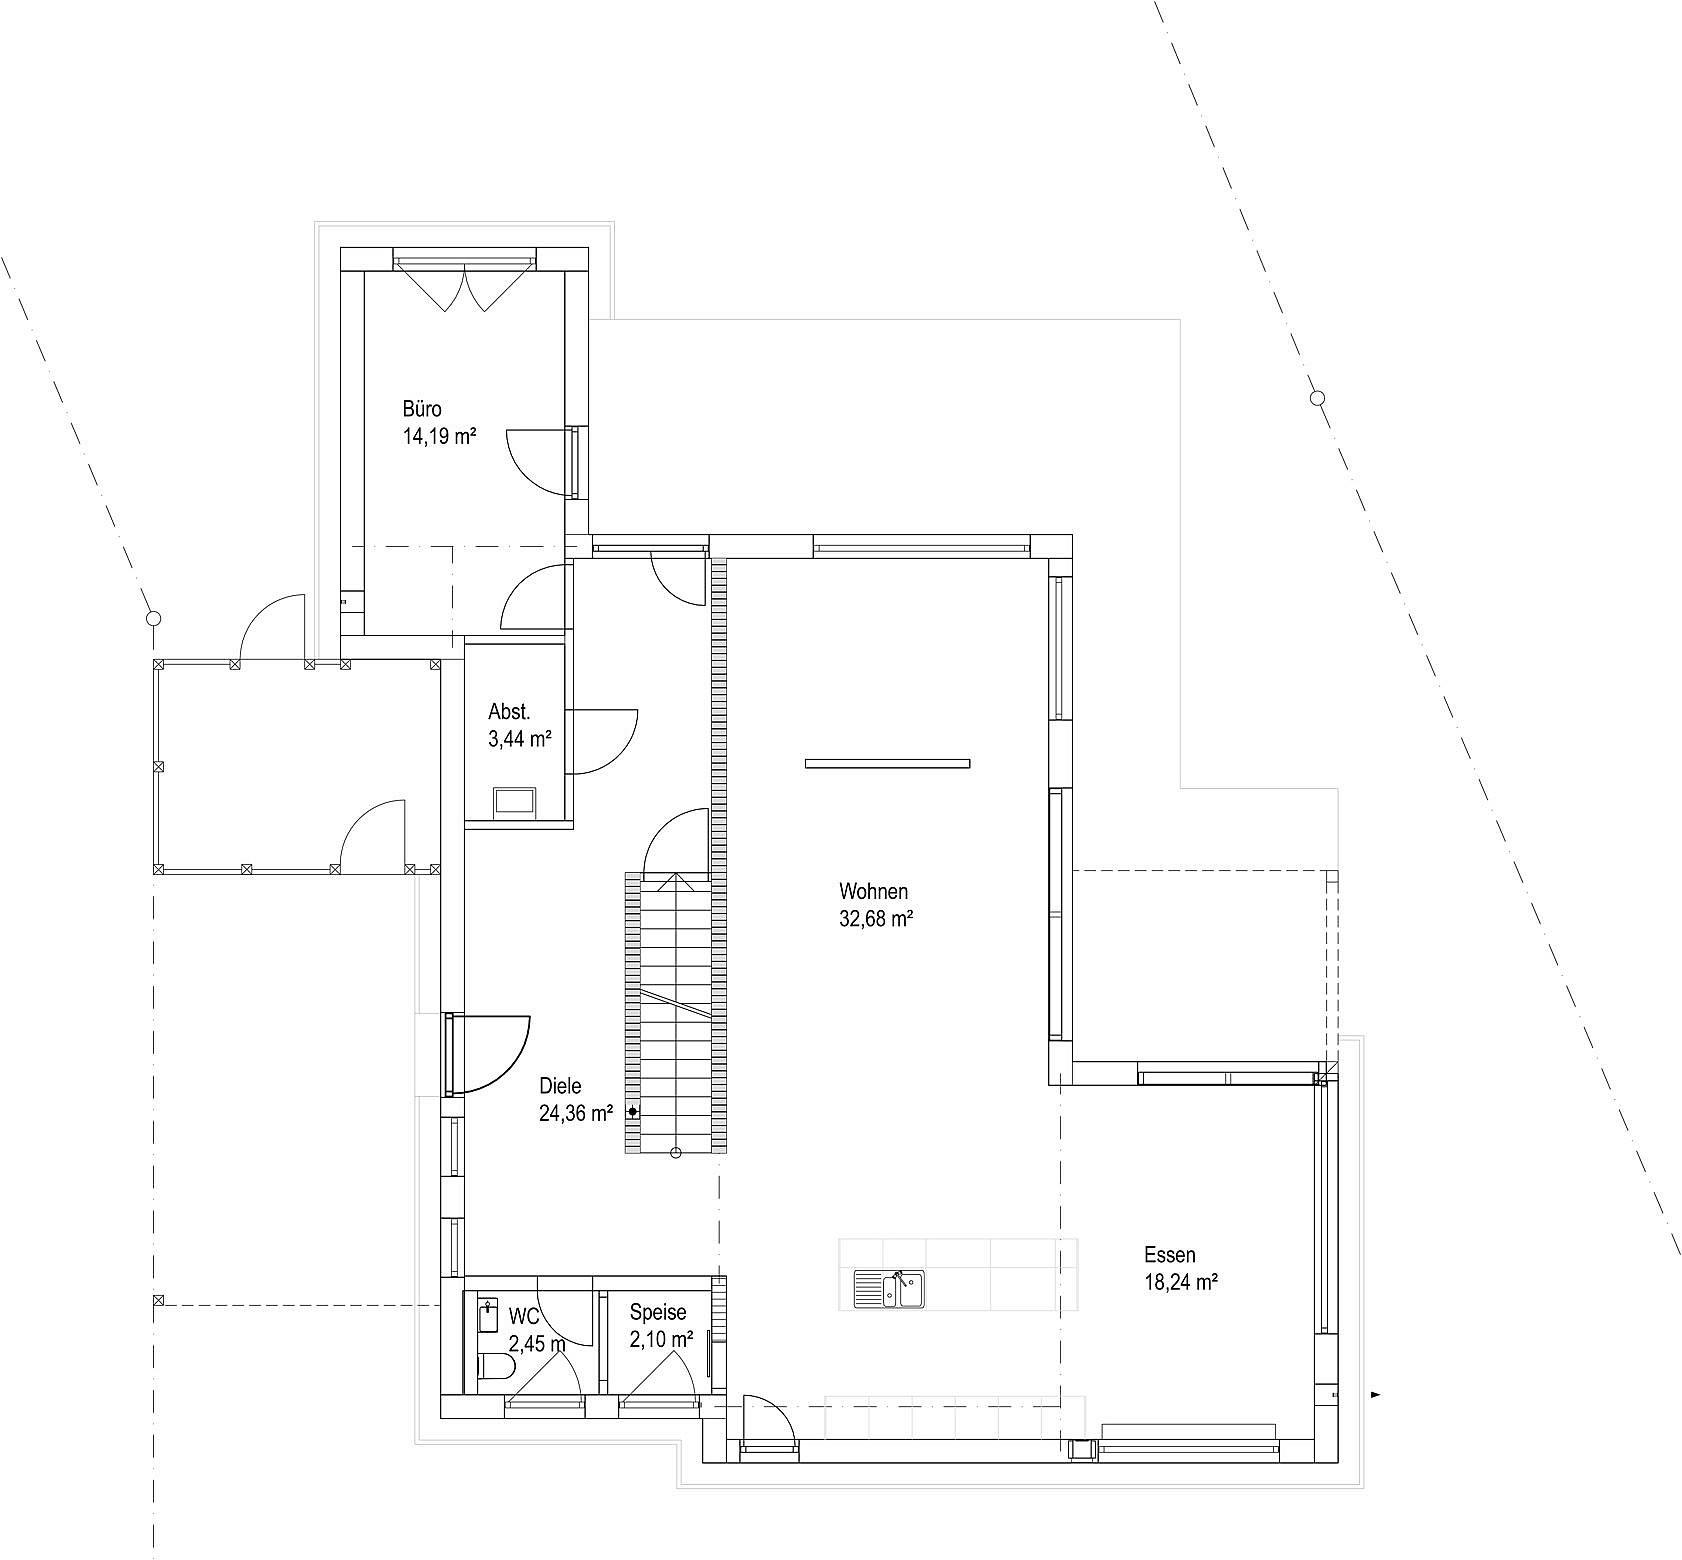 Erdgeschoss Satteldach Landhaus 207 von LUXHAUS Vertrieb GmbH & Co. KG